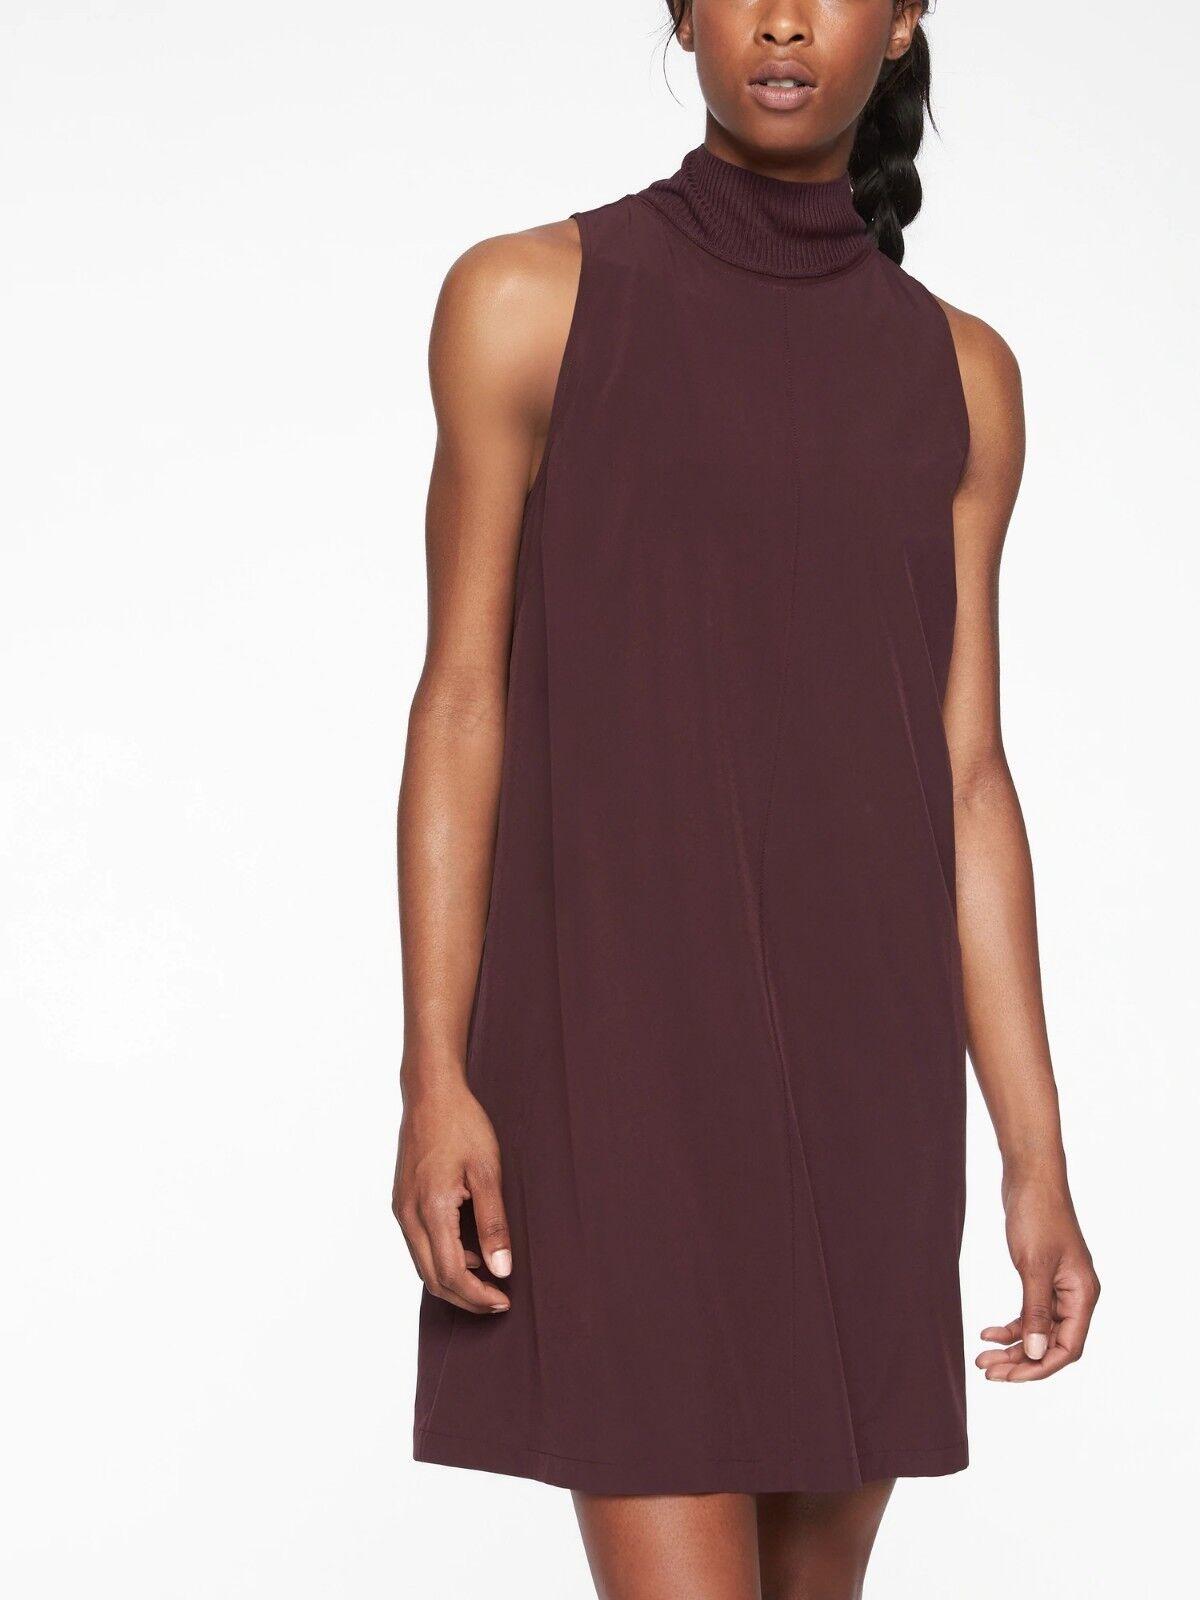 9021b62bb5fb NWT Initiative Dress, Auberge SIZE L T E1210 N0126 LT Athleta ...